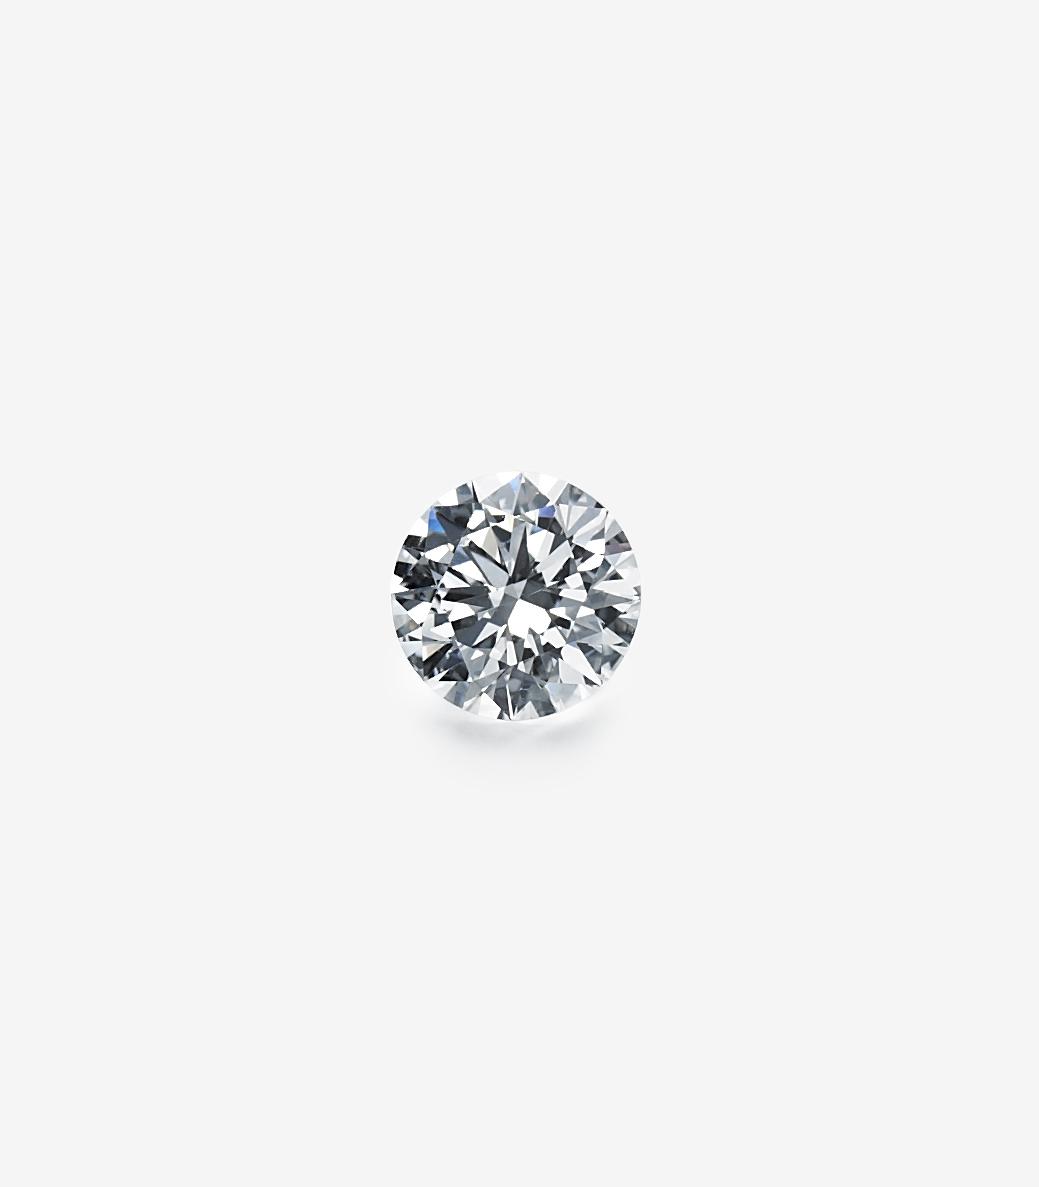 diamant-solitaire-rond-brillant-1-carat